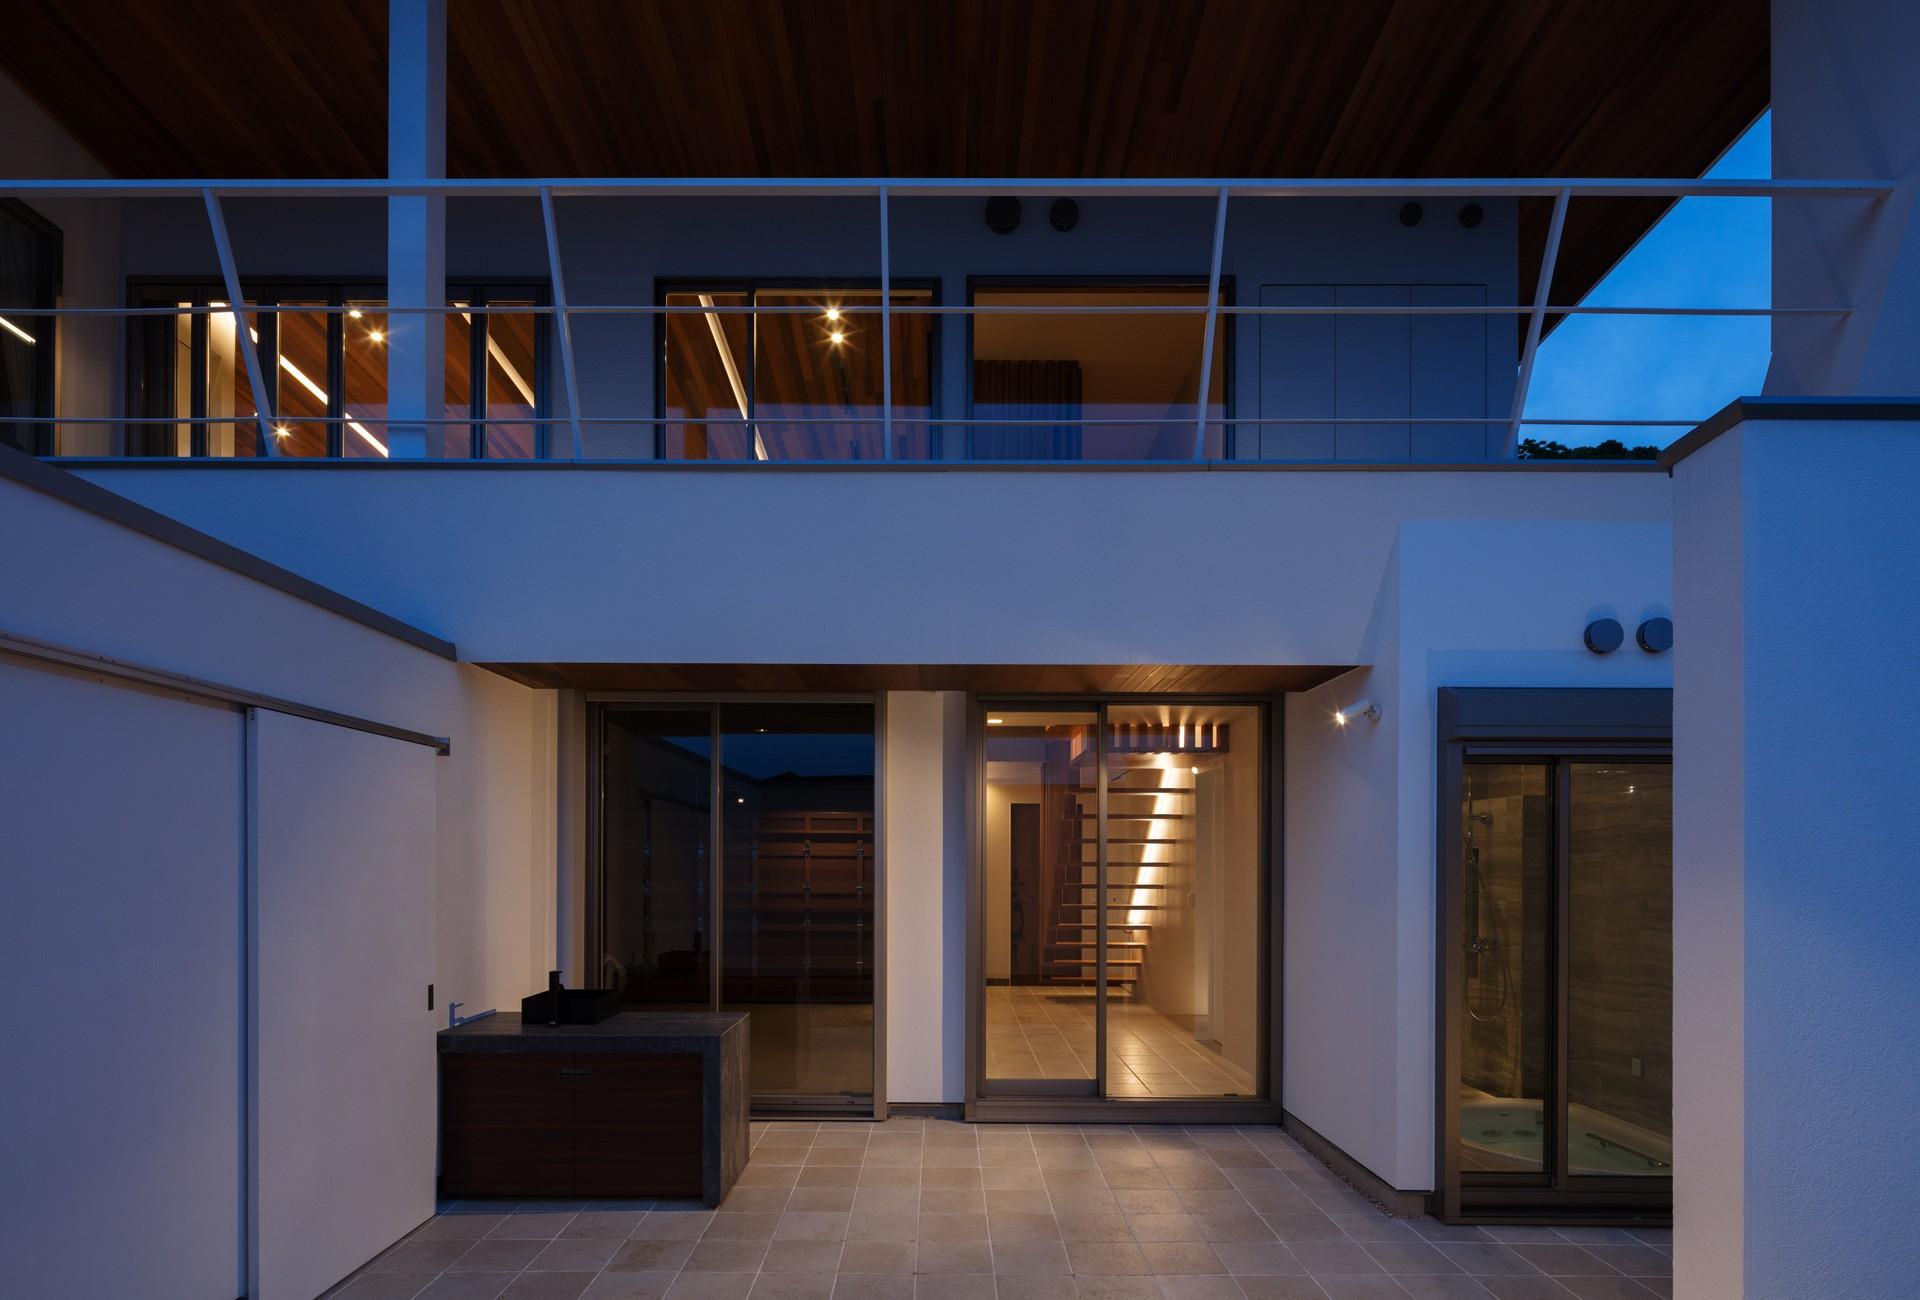 外観事例:南面夕景(N12-house「回遊テラスのあるガレージハウス」)